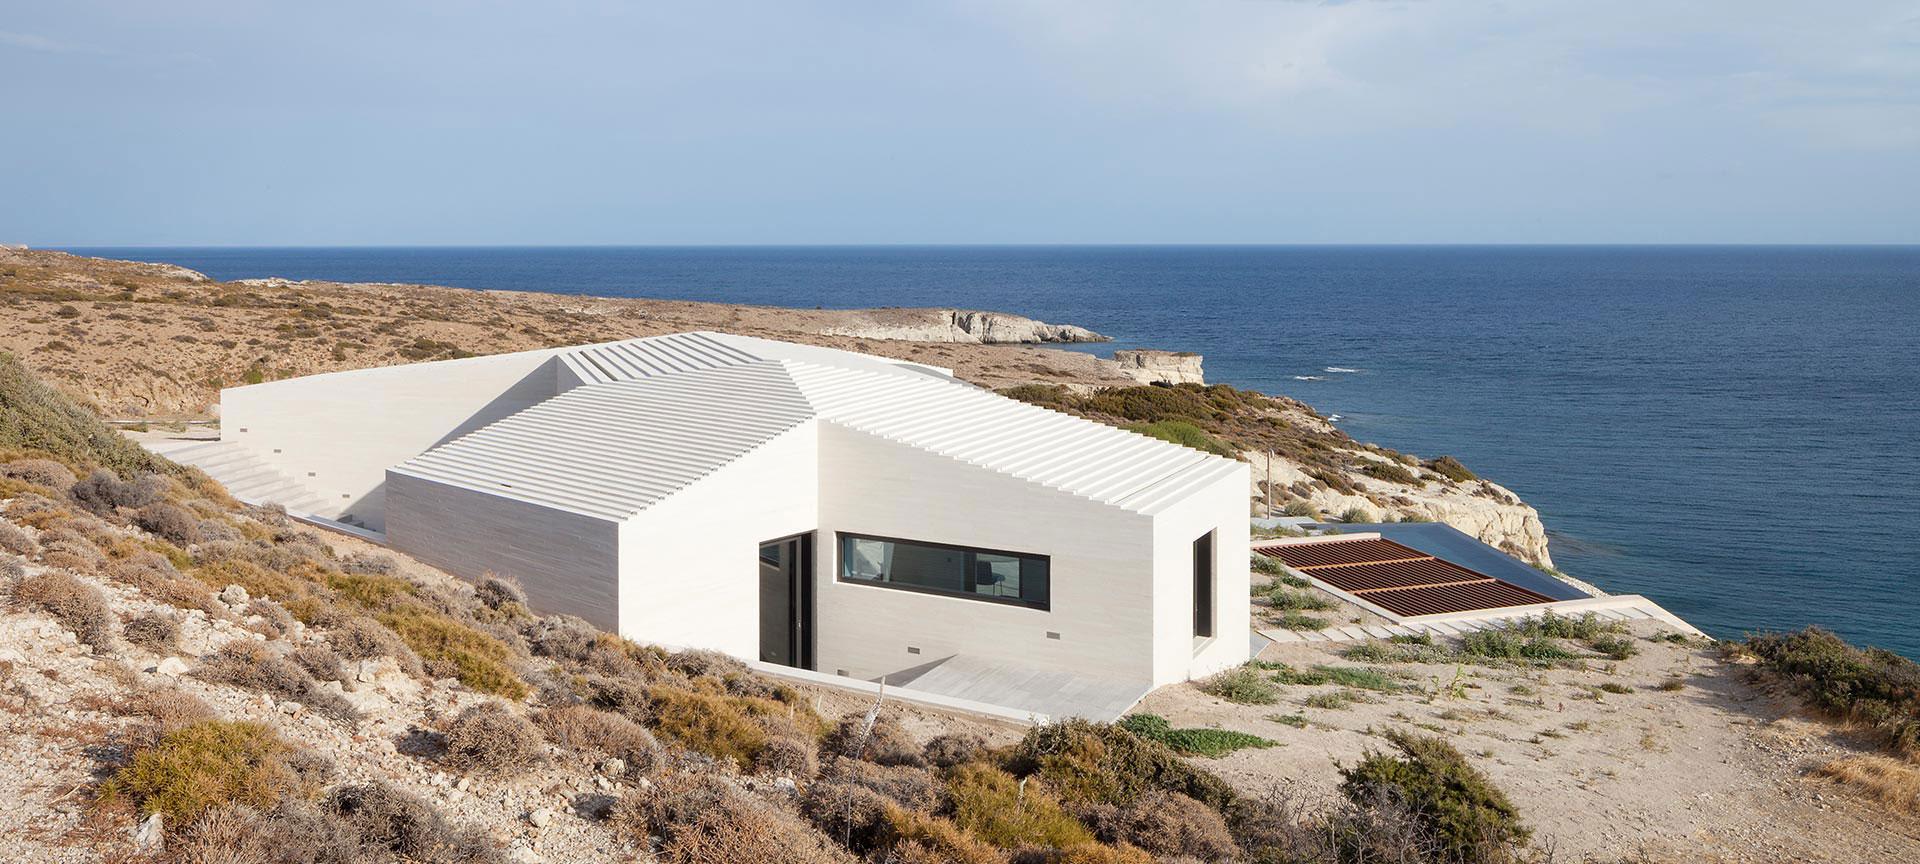 casa-piscina-borde-mykonos-10